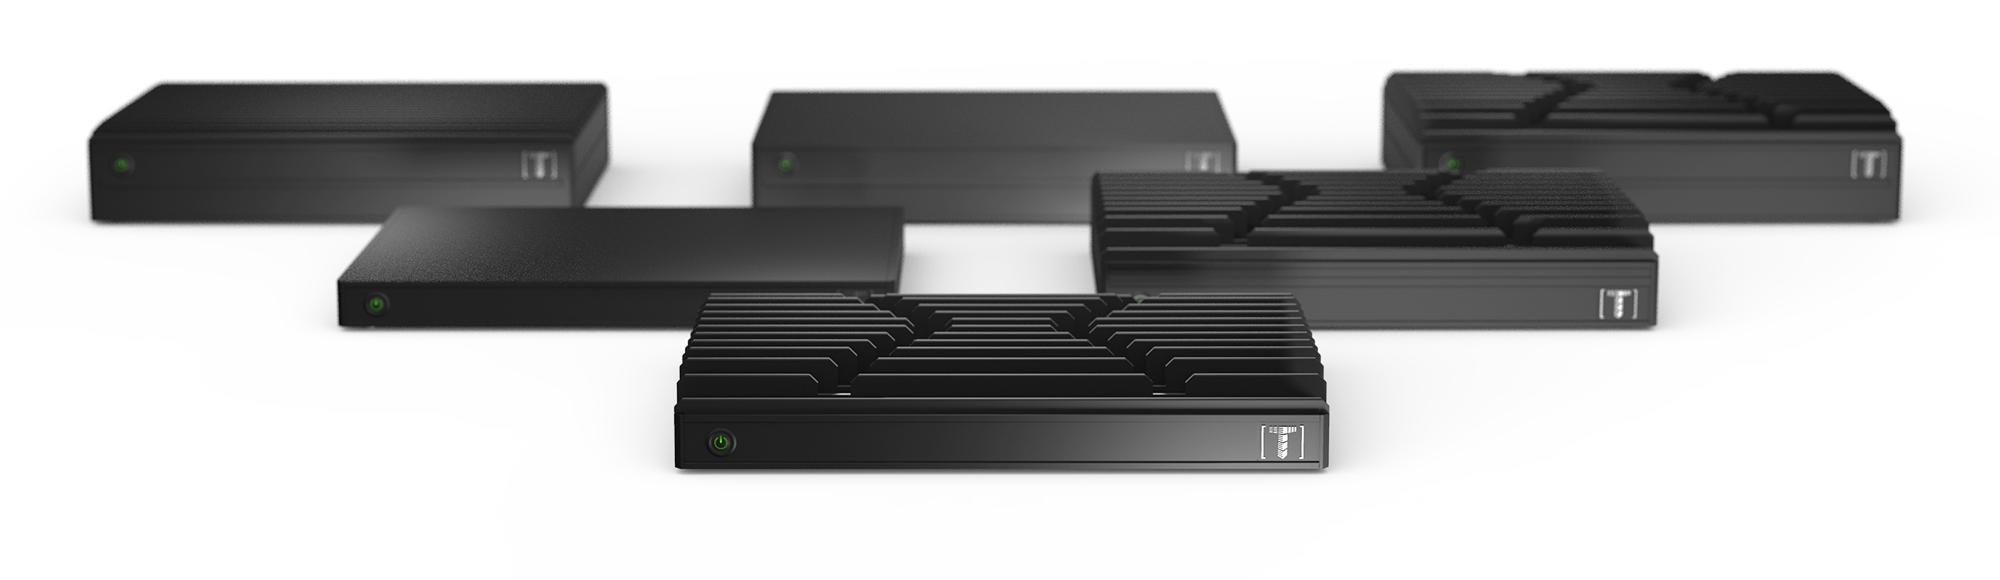 Tensor PC W30